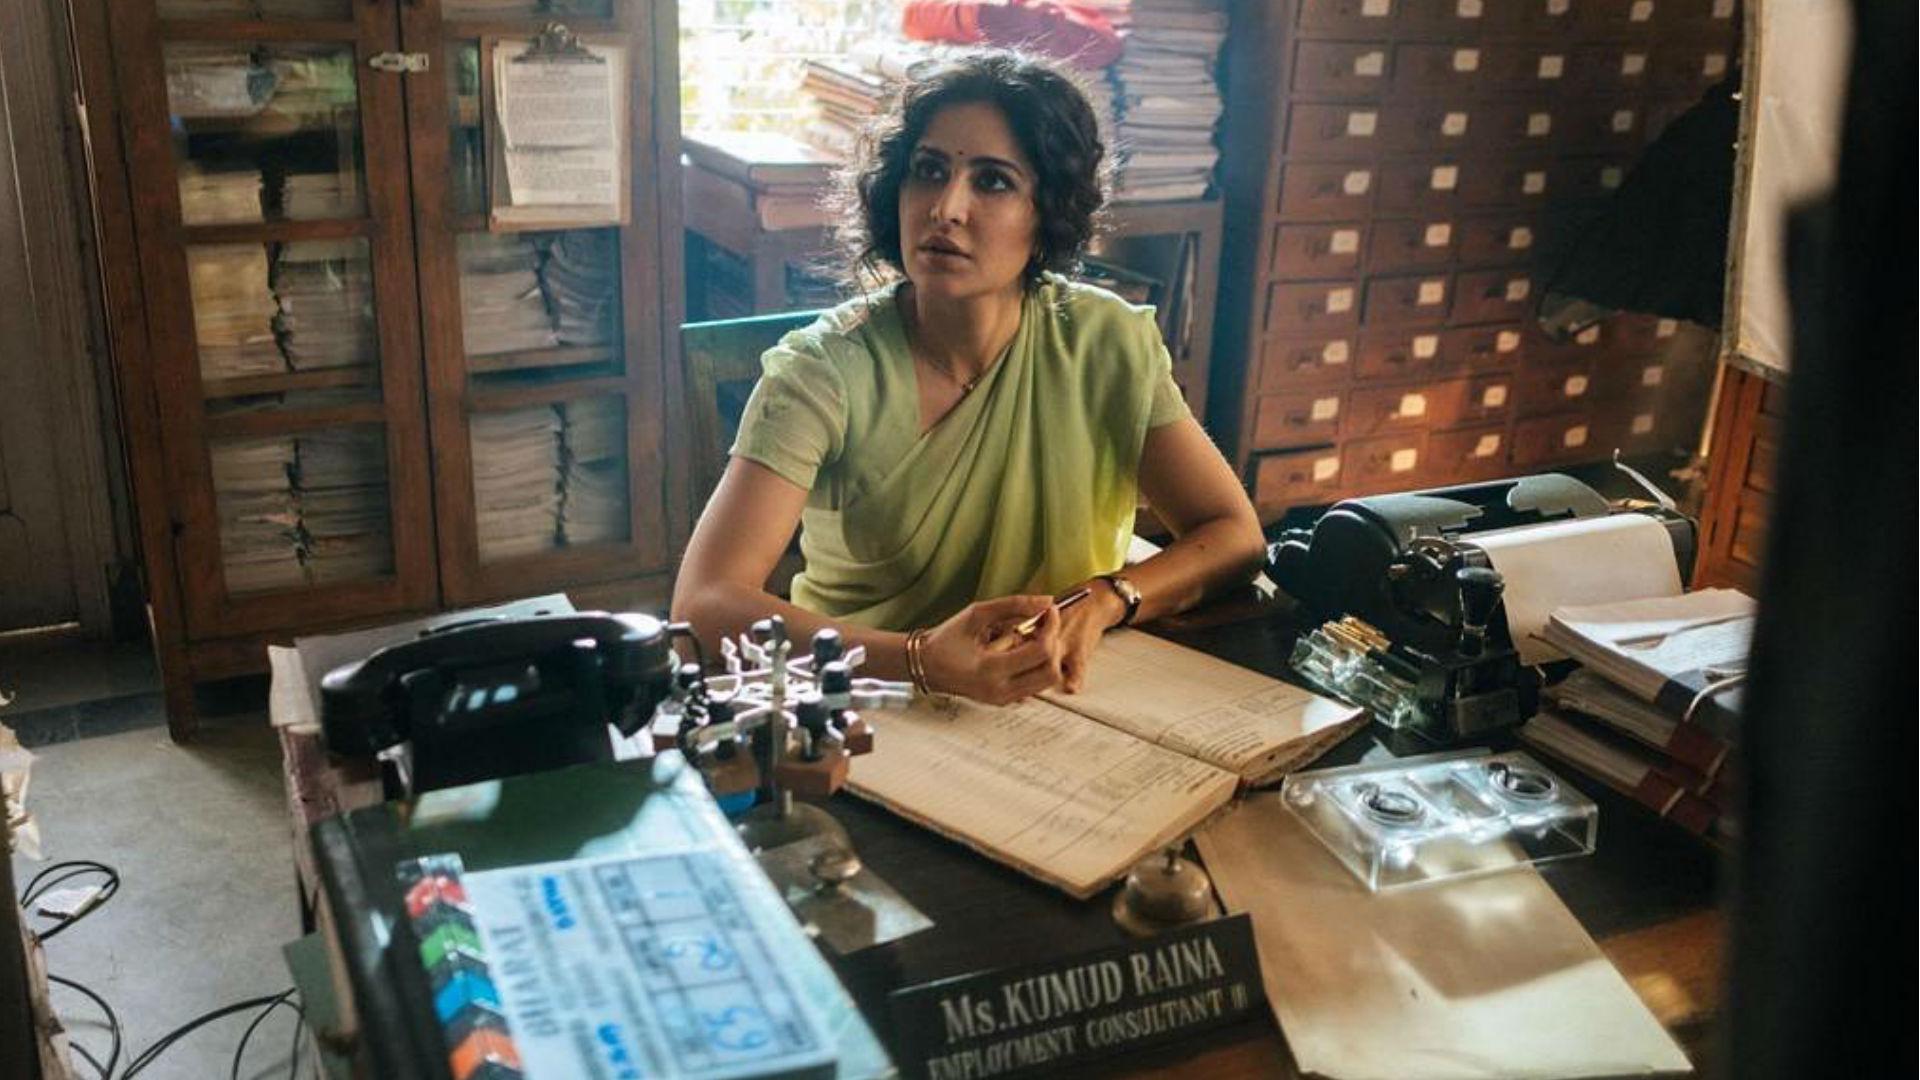 Bharat Movie: फिल्म भारत के लिए प्रियंका चोपड़ा थीं मेकर्स की पहली पसंद, कैटरीना कैफ को नहीं पता ये बात